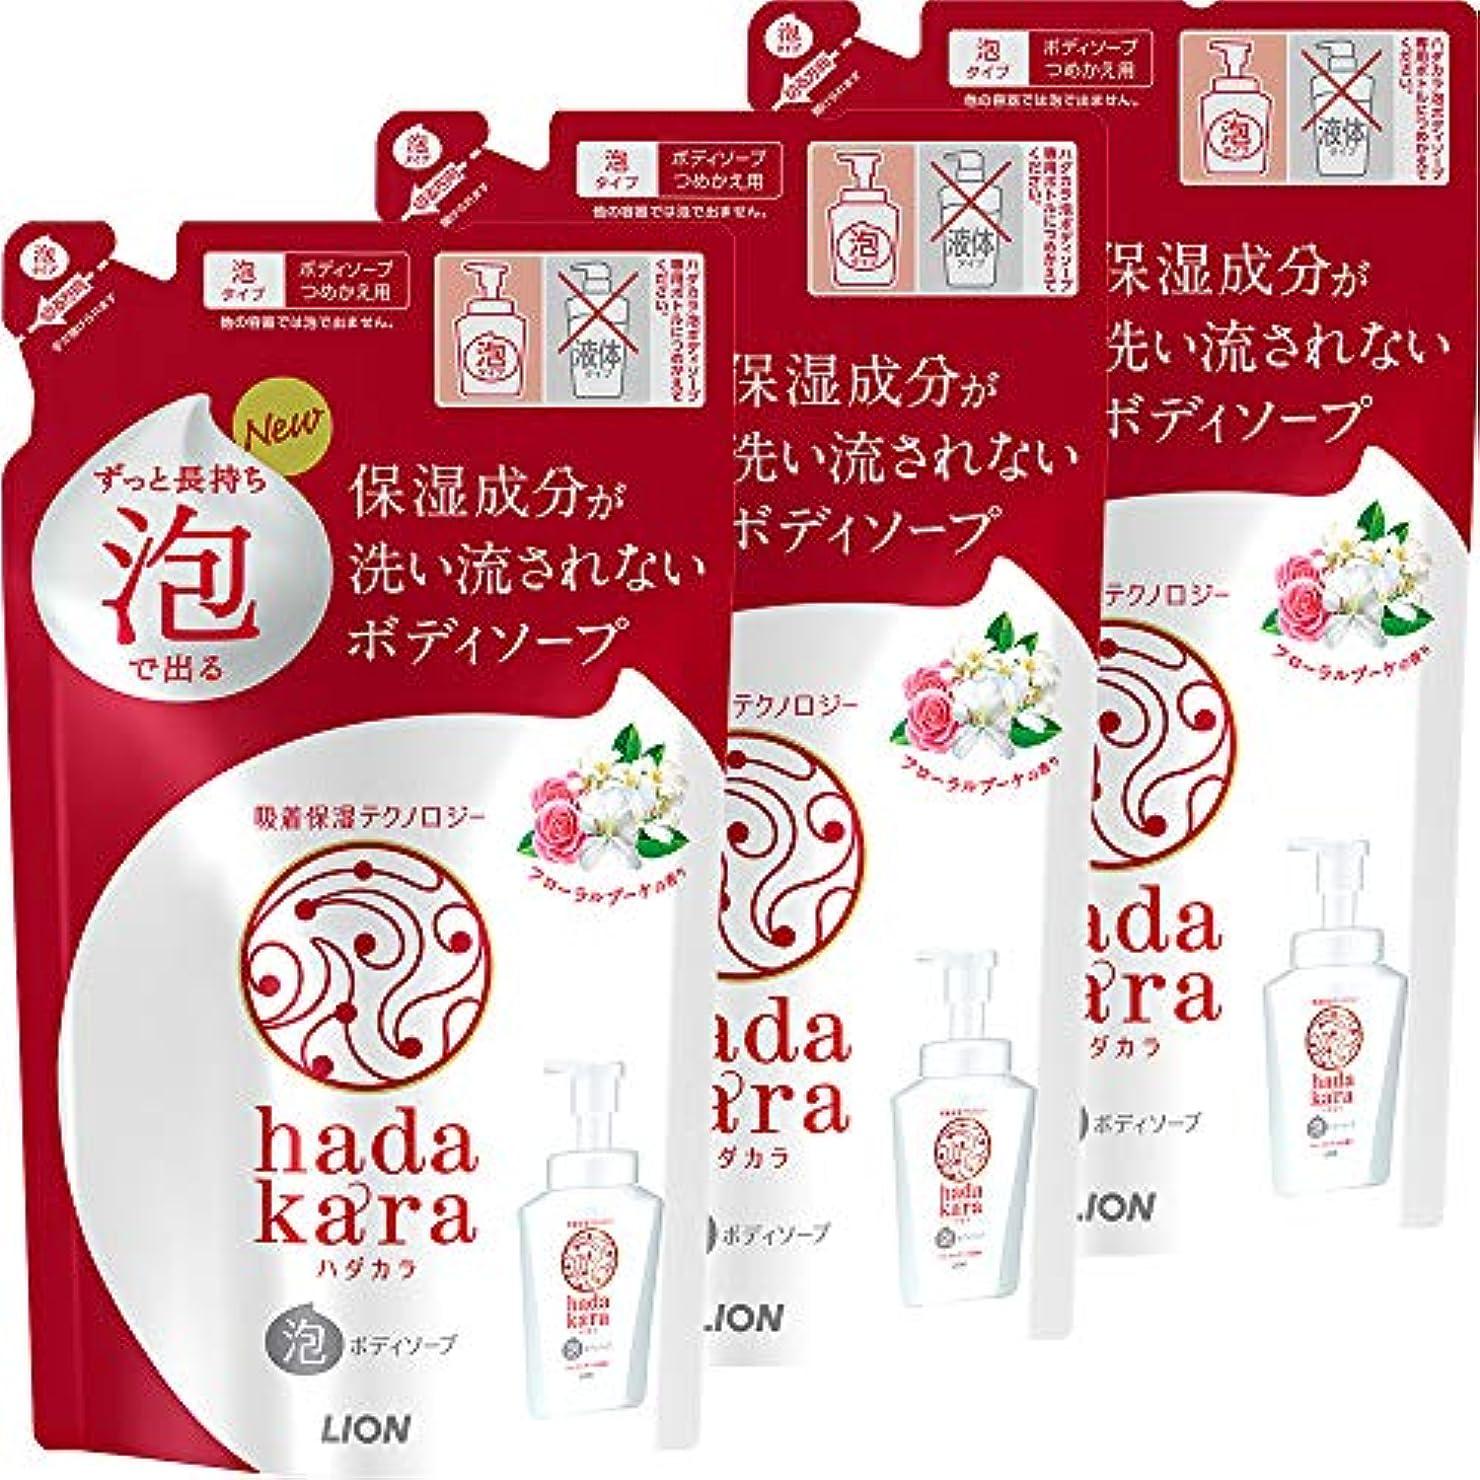 個人的にエイズ重要な役割を果たす、中心的な手段となるhadakara(ハダカラ) ボディソープ 泡タイプ フローラルブーケの香り 詰替440ml×3個